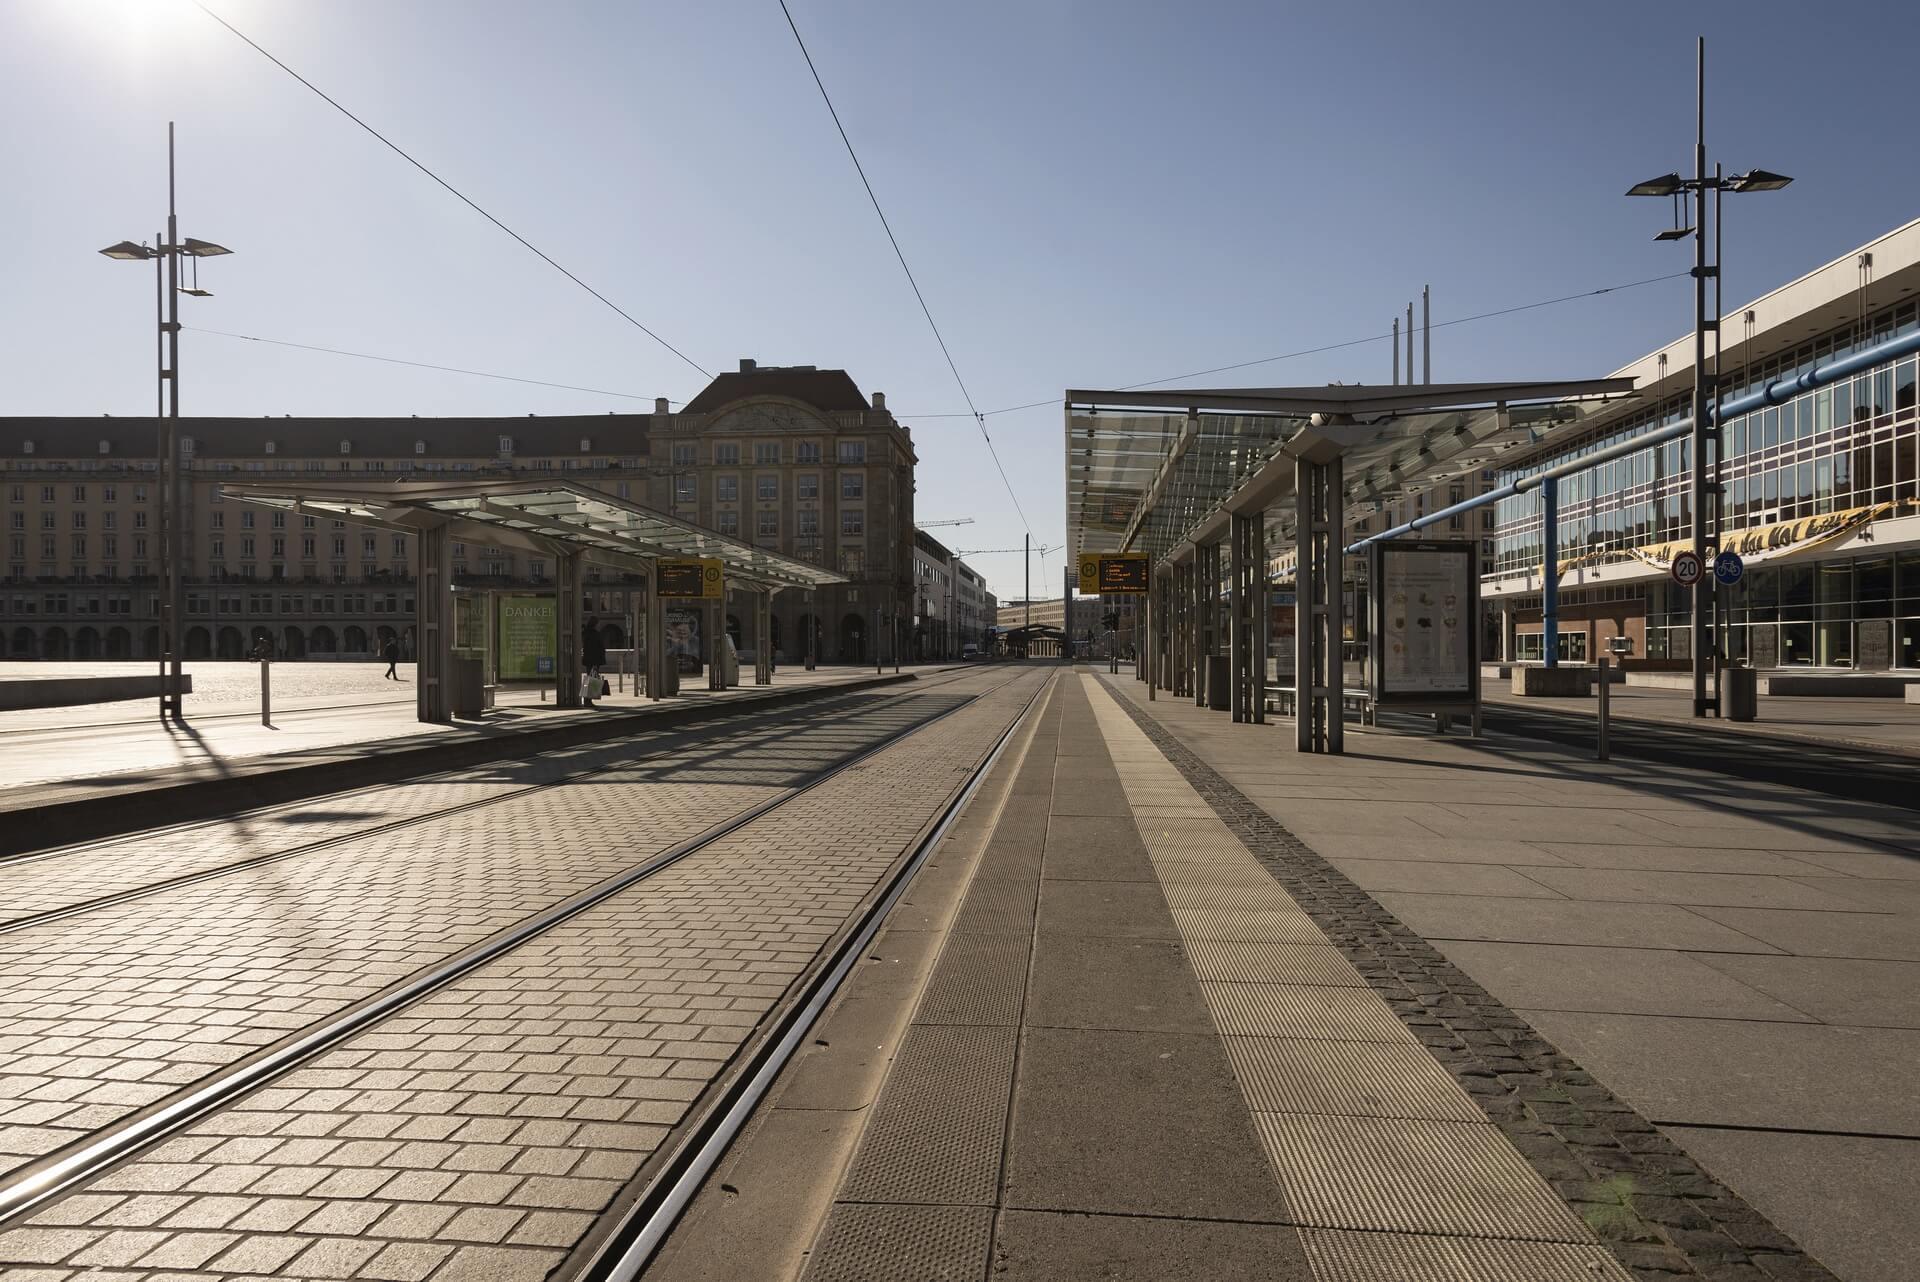 Dresden: Staßenbahnhaltestelle Altmarkt, Frühjahr 2020, Eindrücke von der Ausgangsbeschränkung während der COVID-19 Pandemie